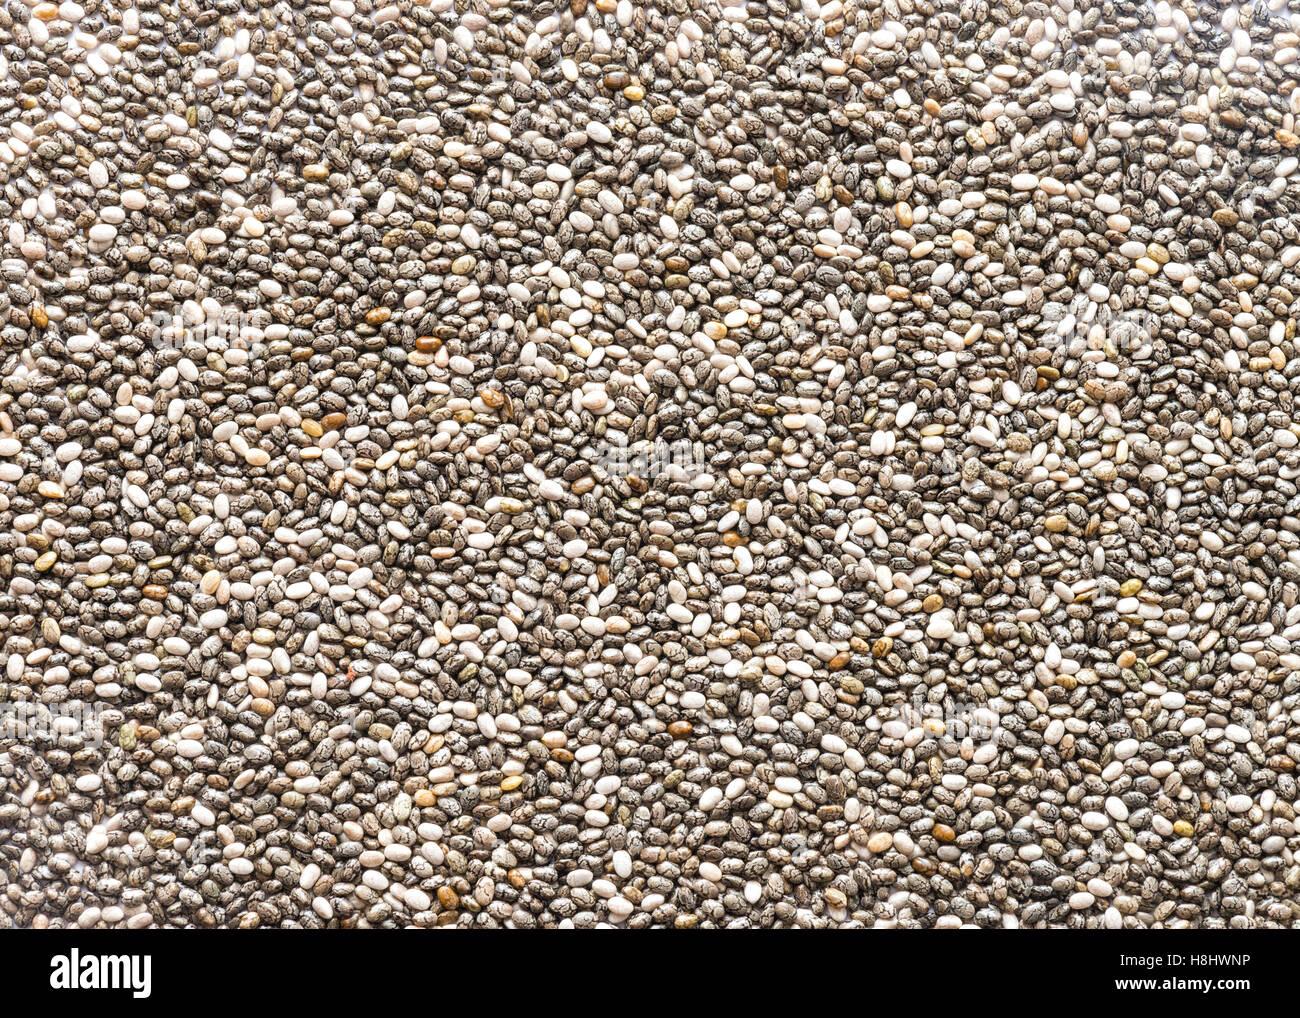 Chia semillas cerrar rellena el marco ideal para alimentos o texturas de fondo Imagen De Stock